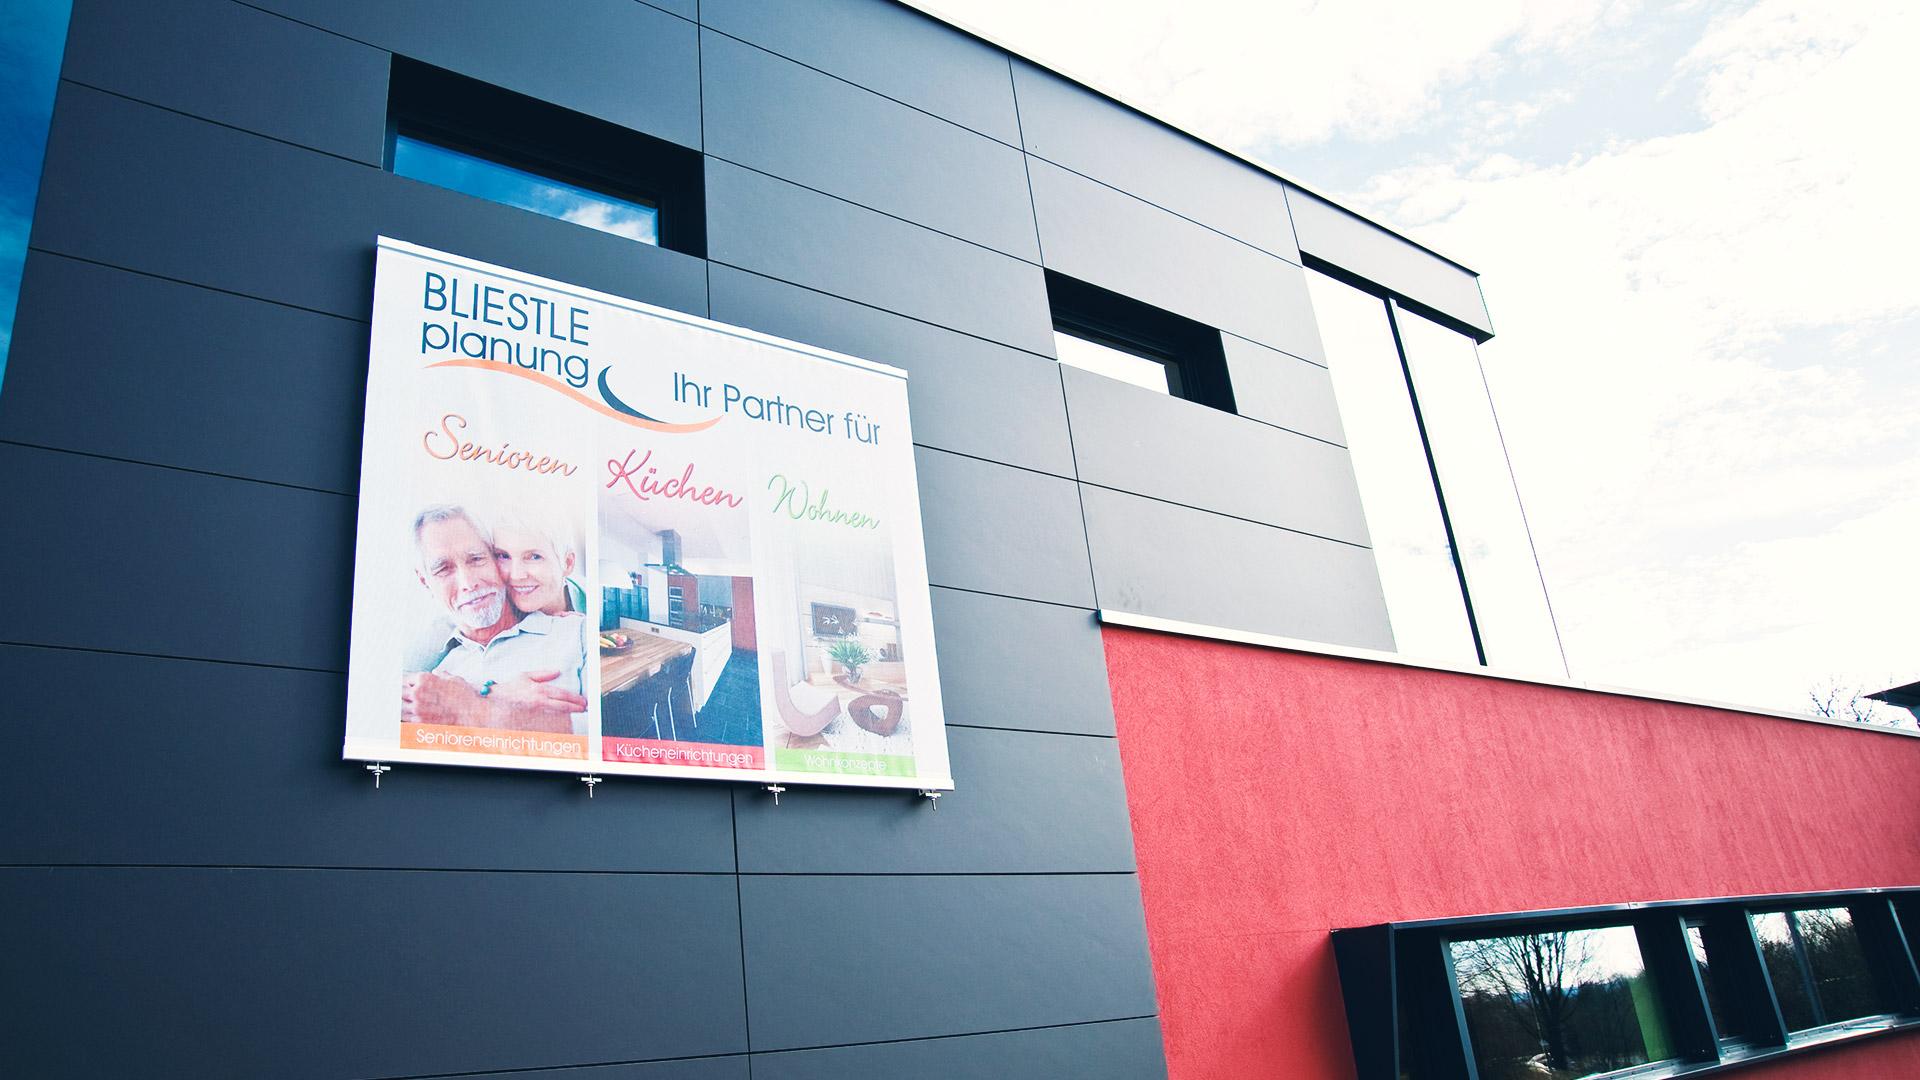 Aussagekräftige Aussenwerbung für das Planungsbüro Wolfgang Bliestle